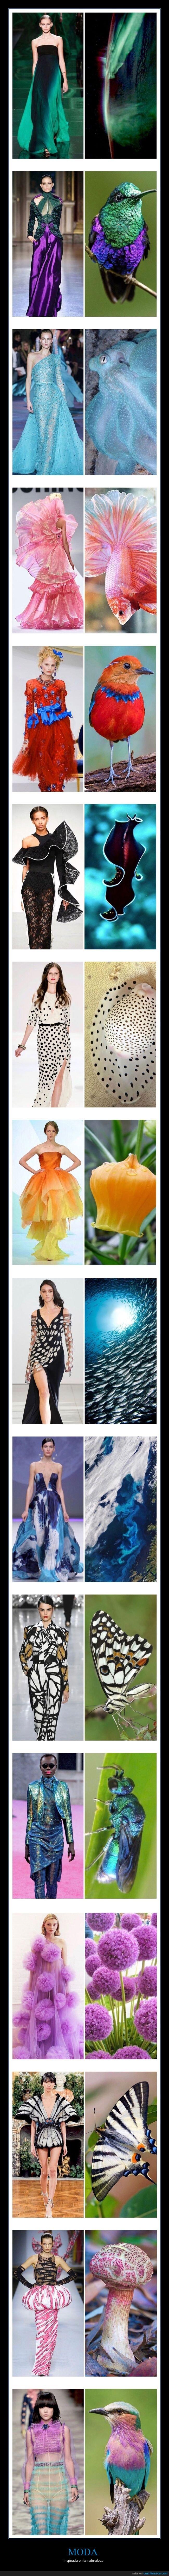 inspirada,moda,naturaleza